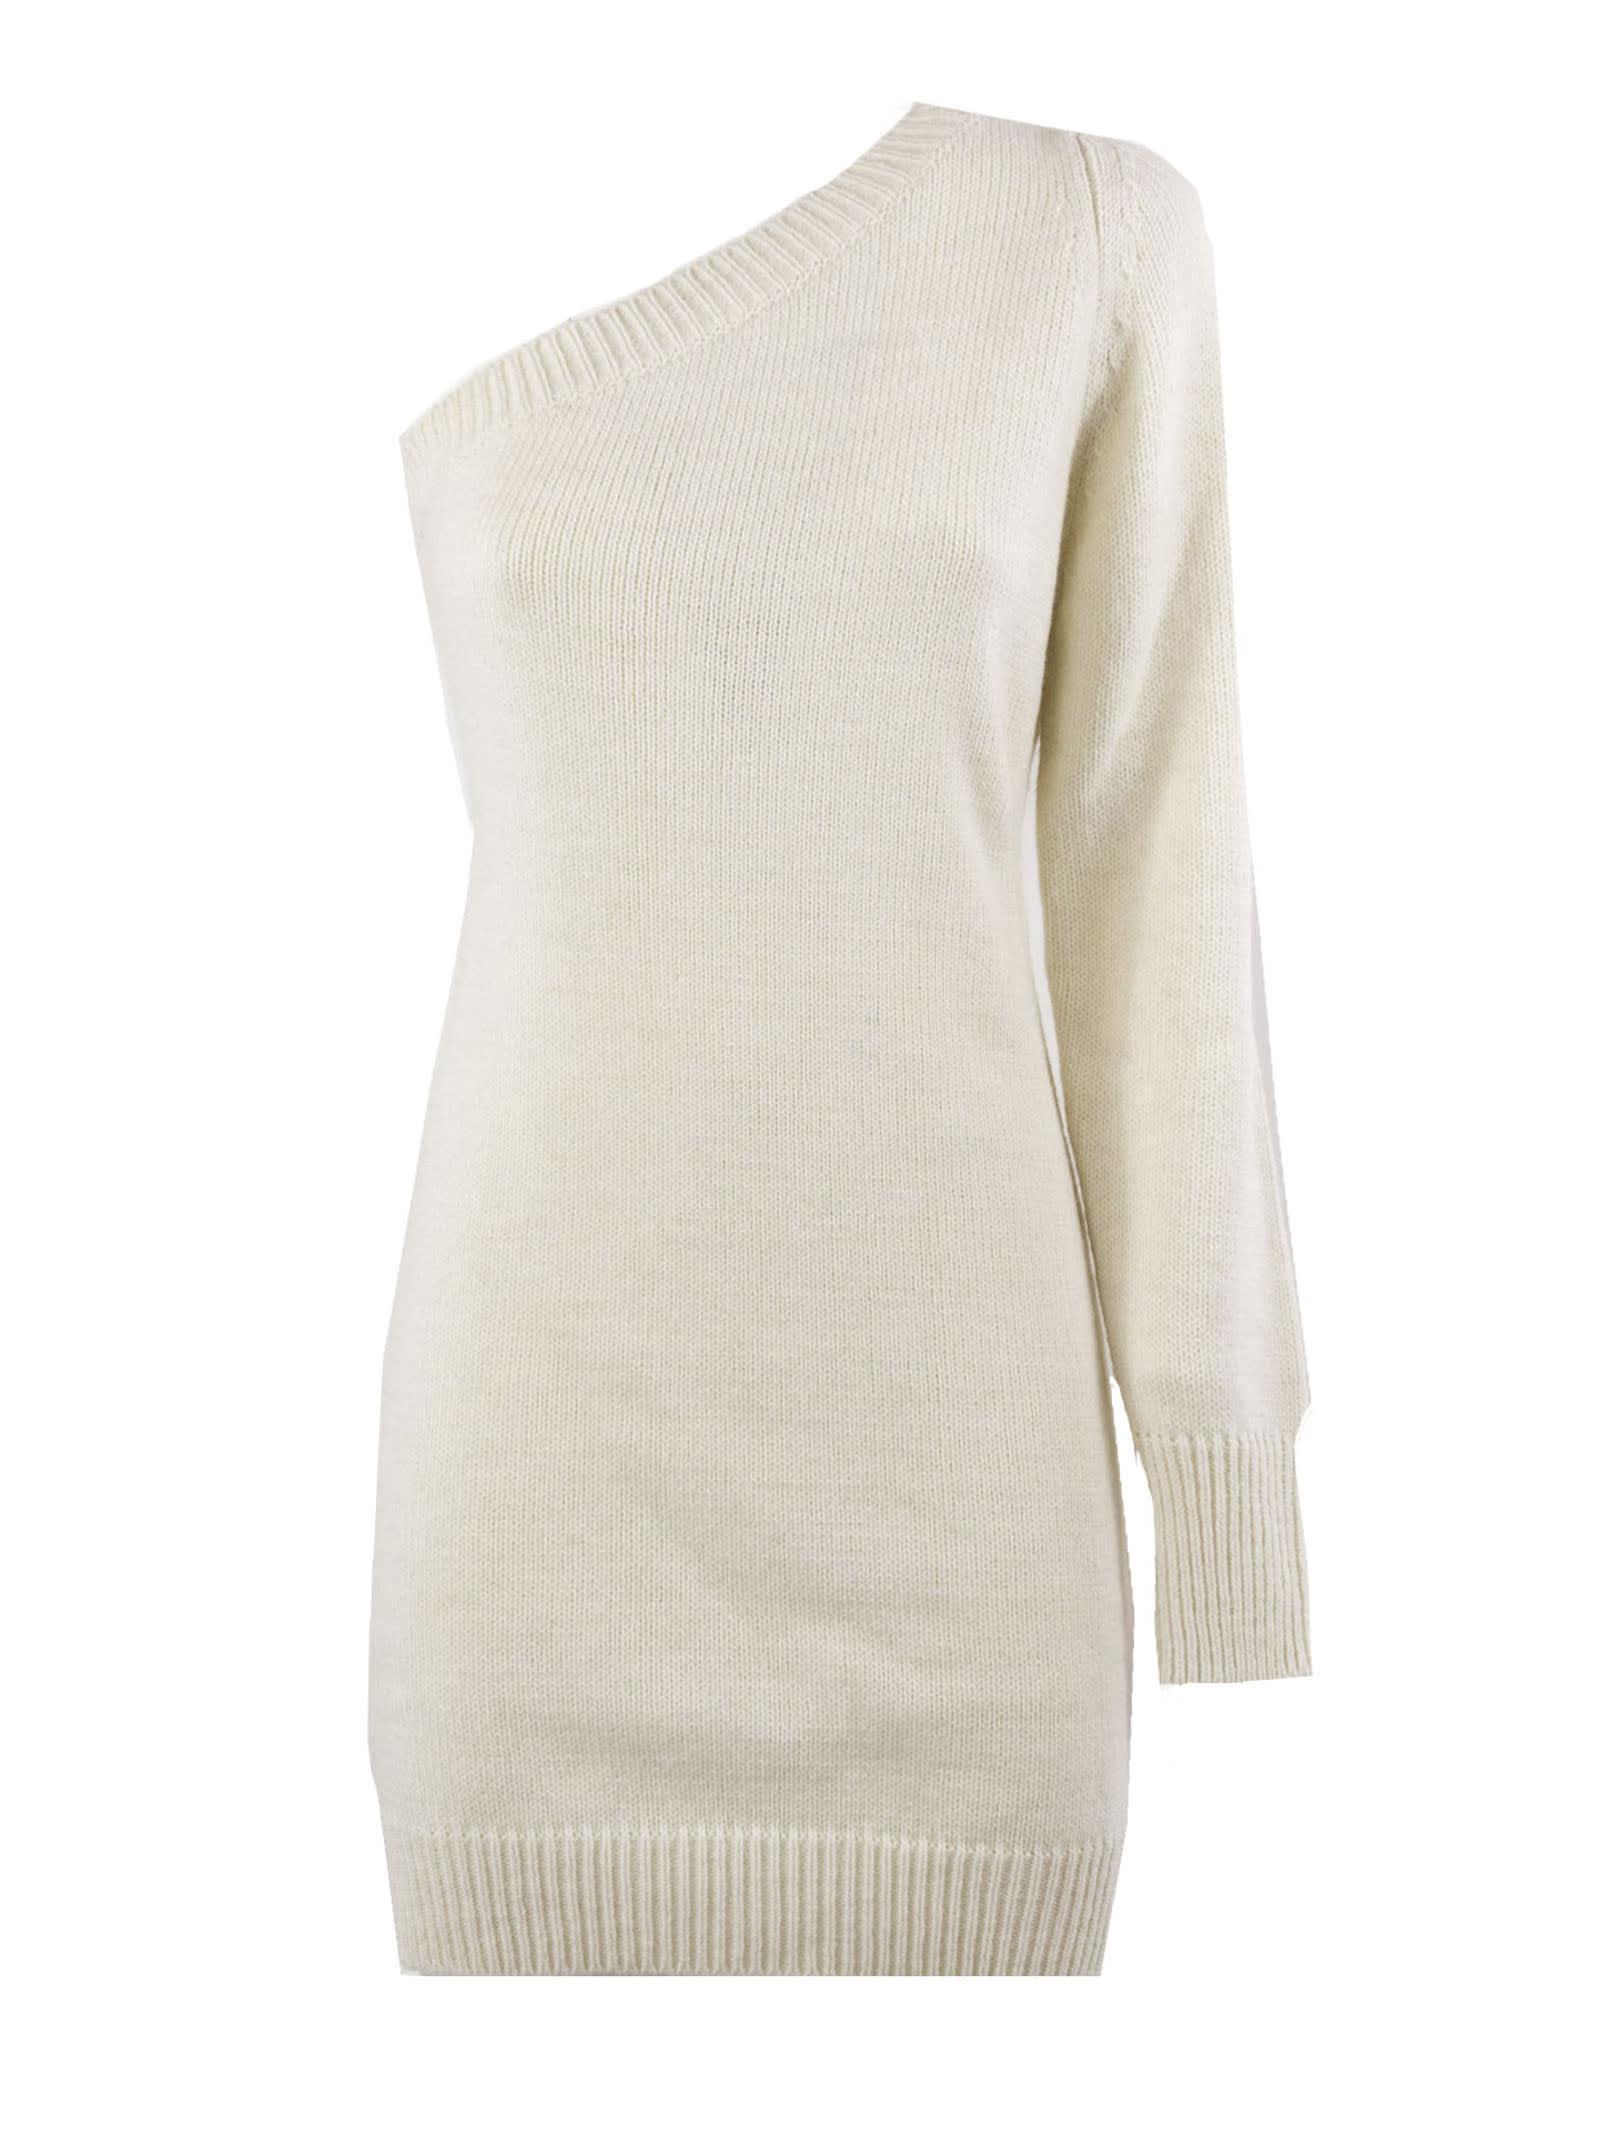 Federica Tosi White Wool And Alpaca Blend Dress